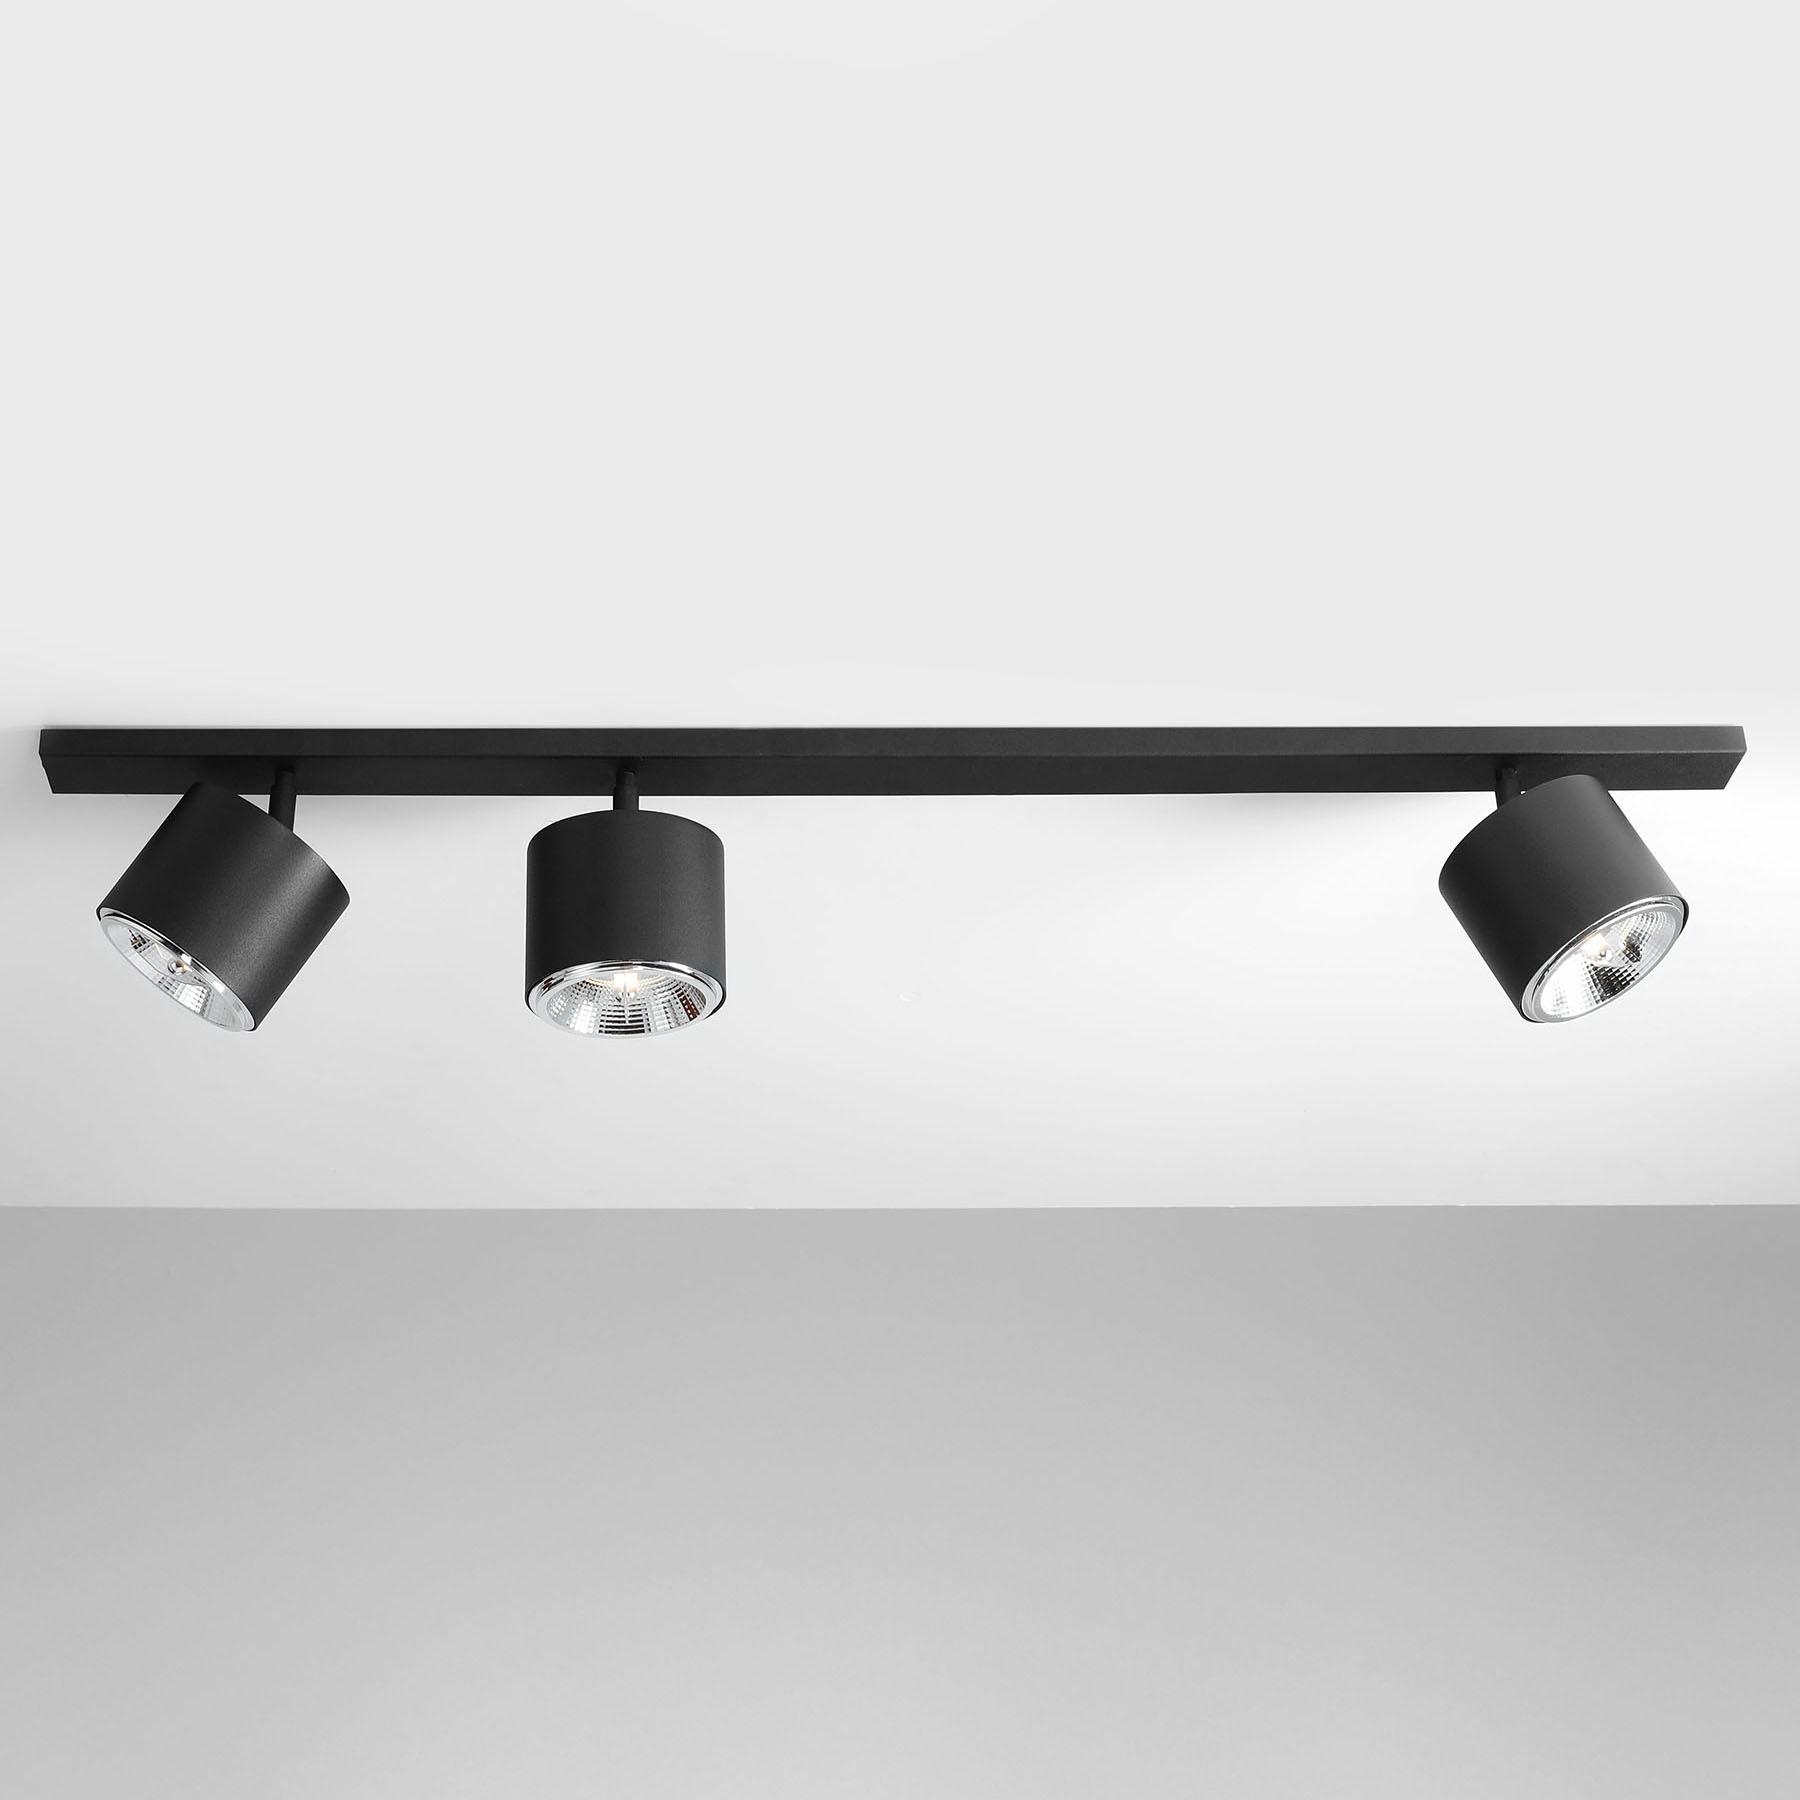 Lampa sufitowa 1047, 3-punktowa, czarna